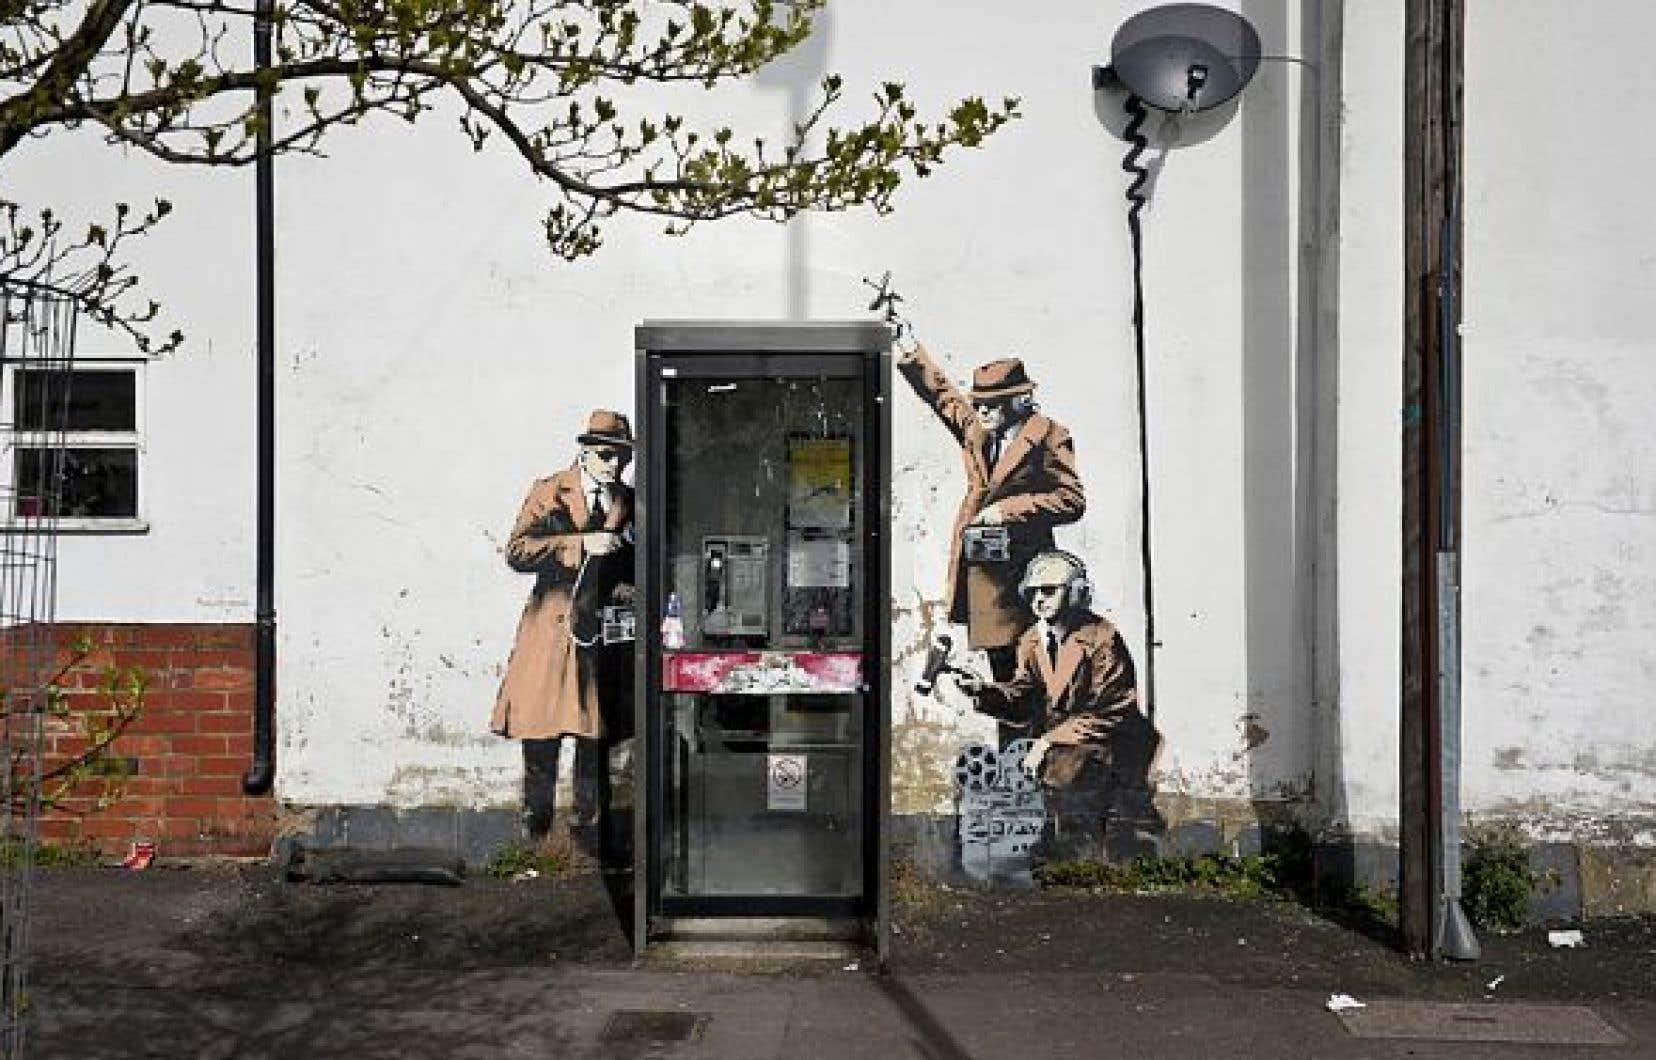 Spy Booth de Bansky. Œuvre sauvage posée par l'artiste sur un mur urbain de Cheltenham, Grande-Bretagne (2013).